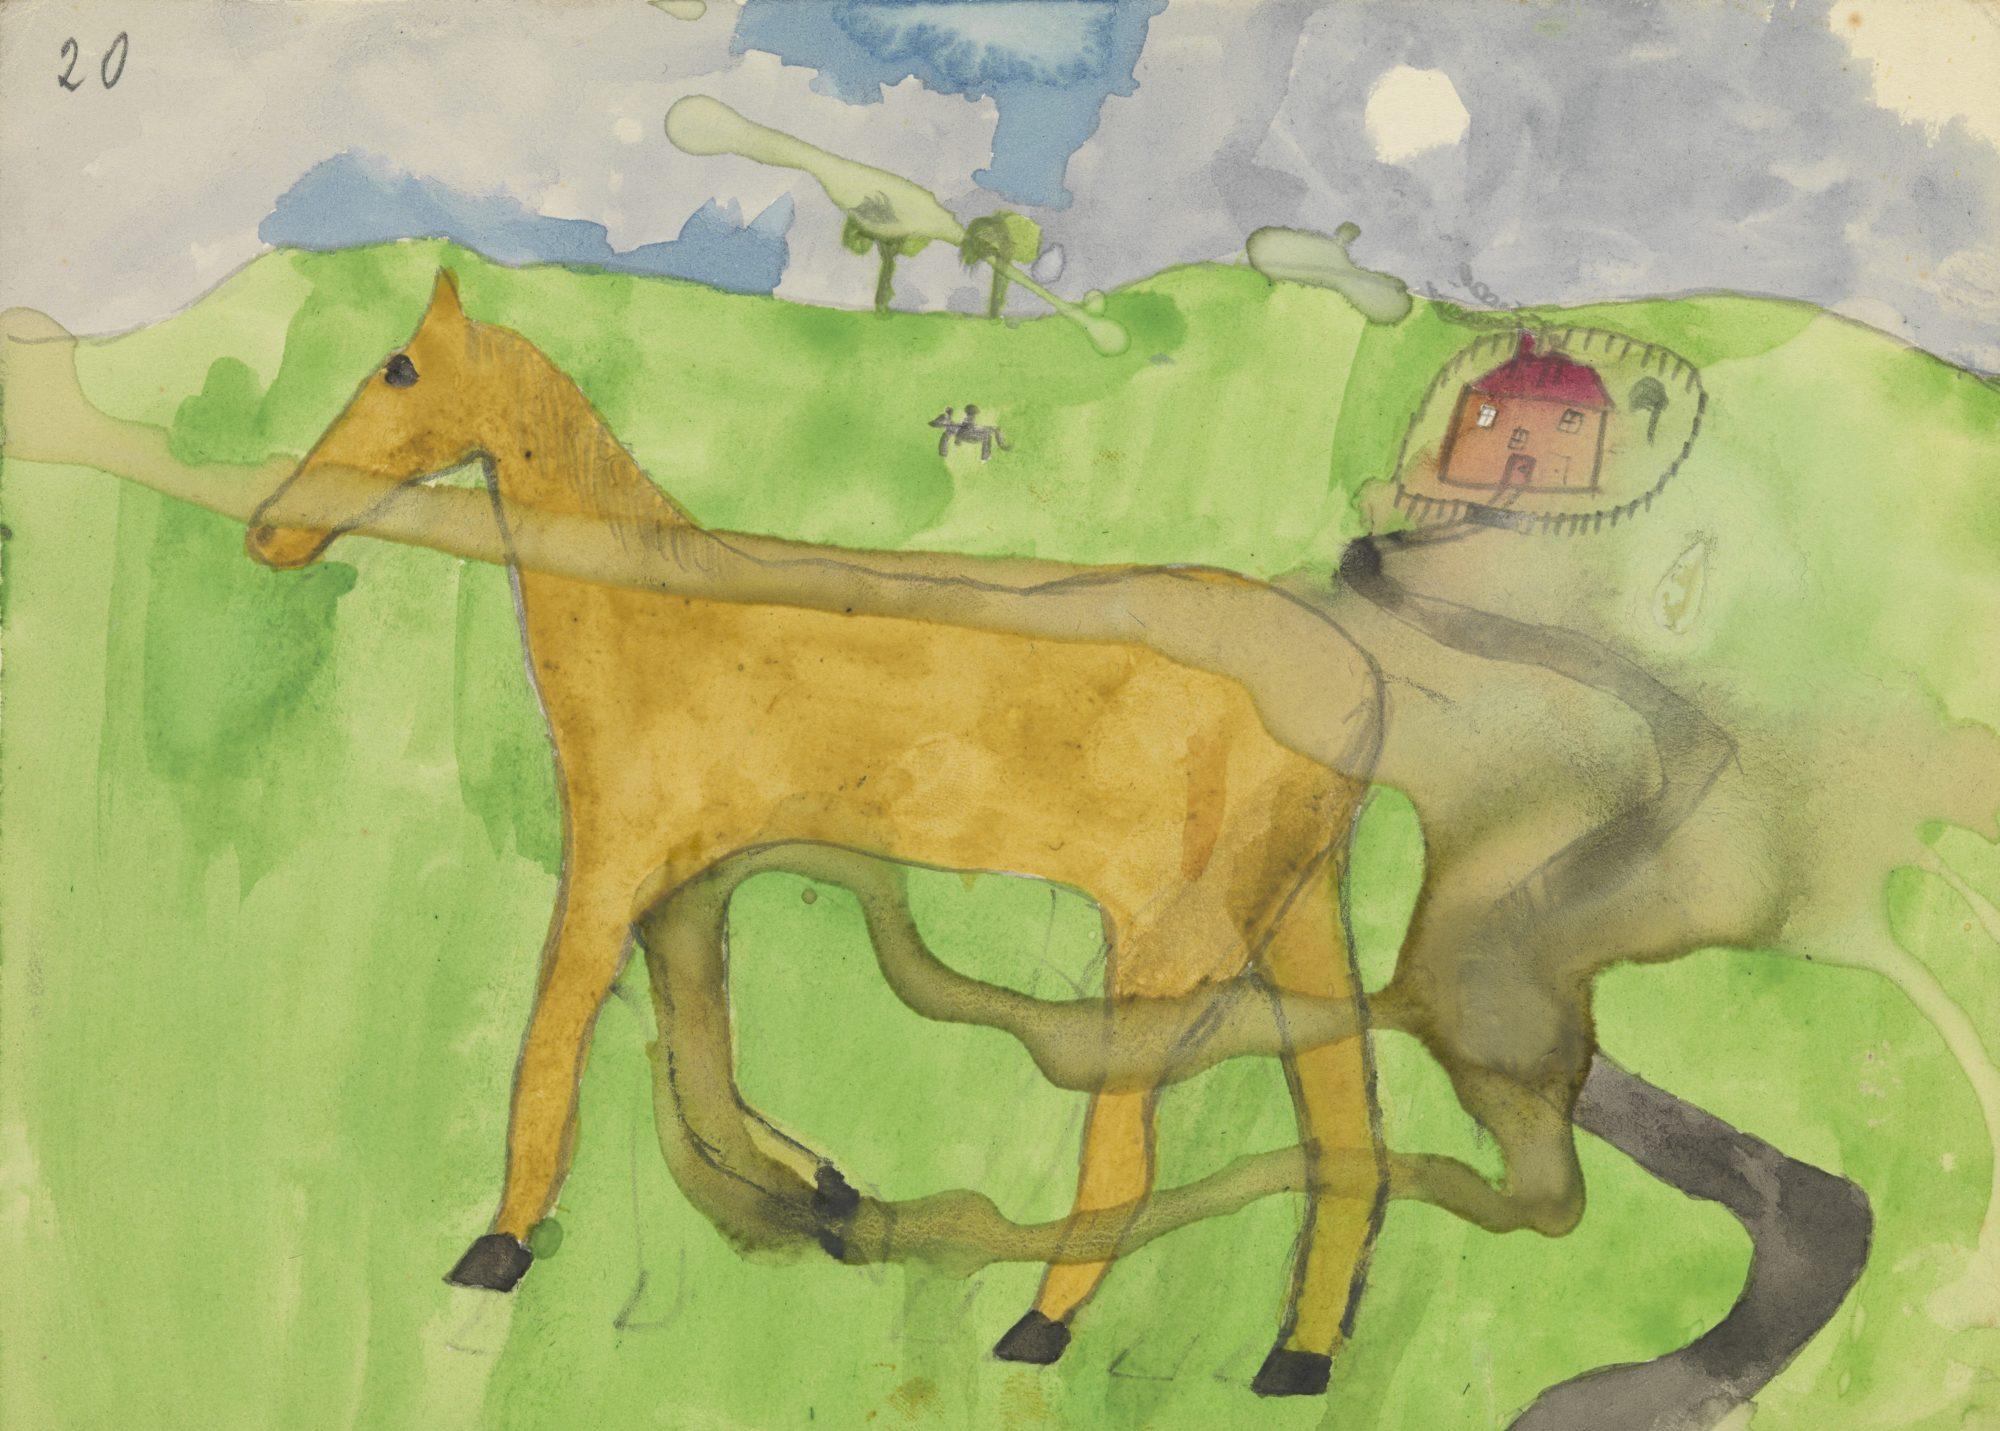 Pintura de caballo con paisaje hecha por uno de los niños pacientes de Klein